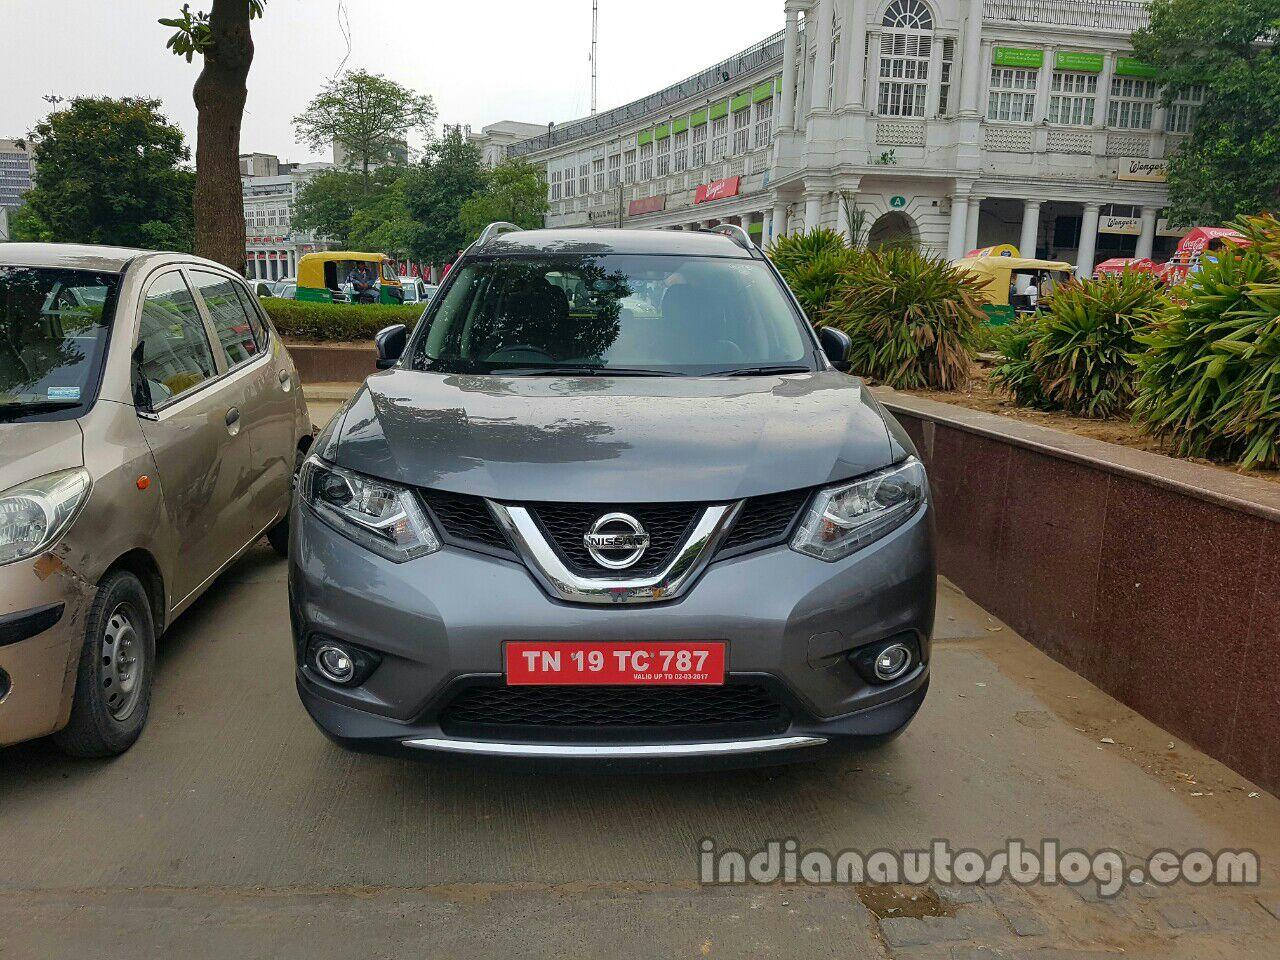 Nissan-X-Trail-Hybrid-front-spy-shot